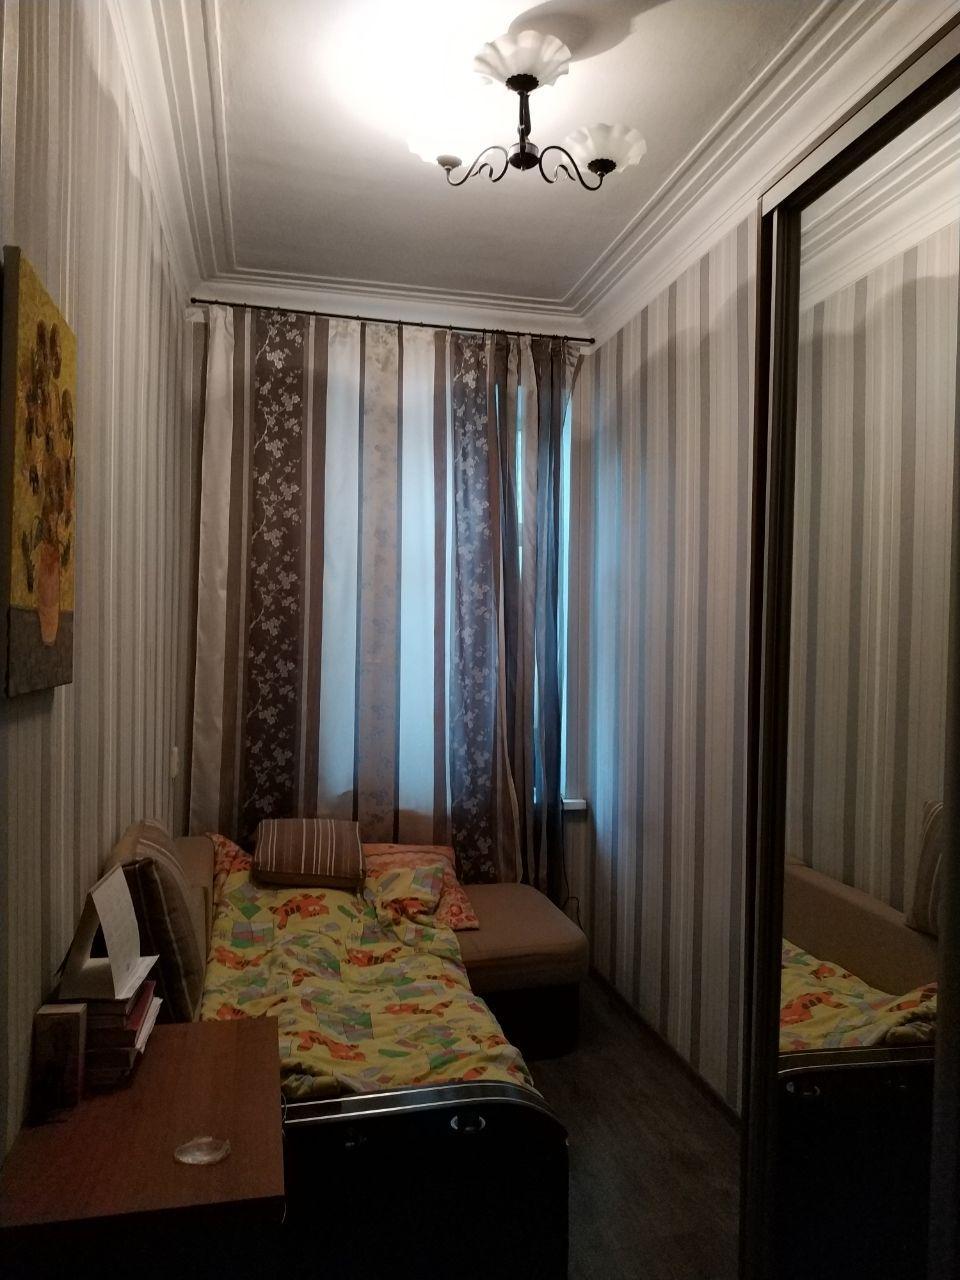 Продам ? 3 к, г. Киев                               в р-не Центр возле м. <strong>Театральная</strong>                                  фото